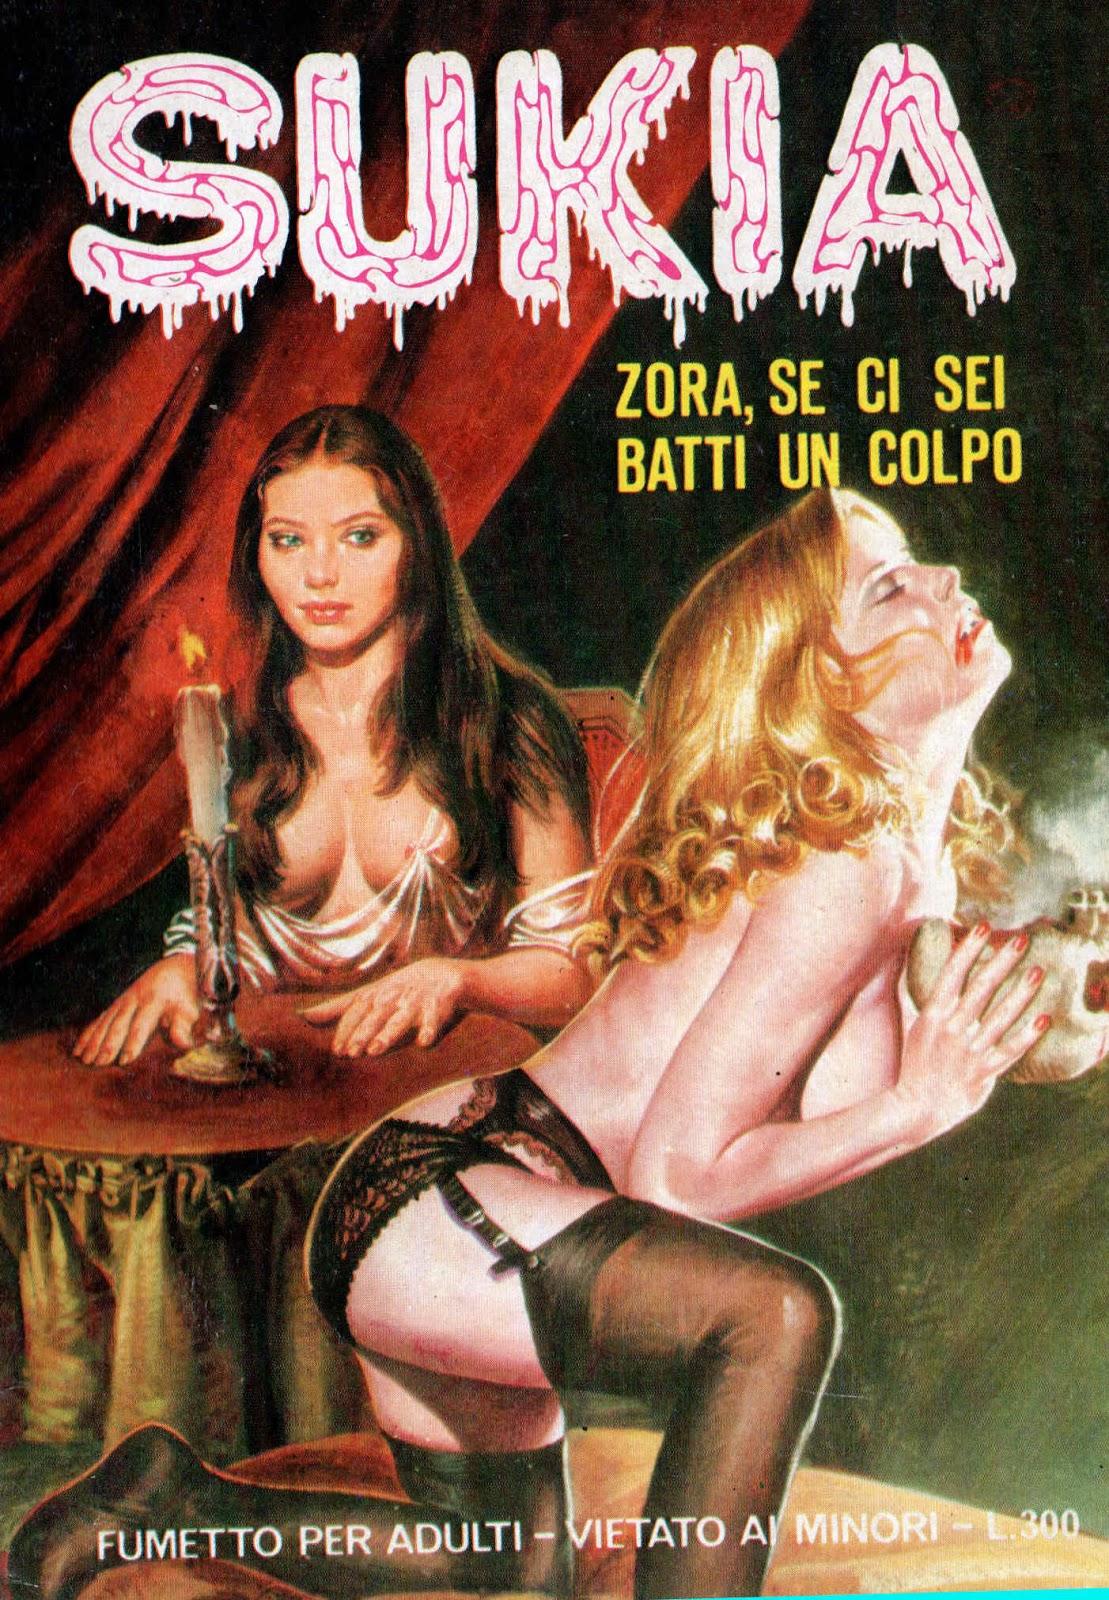 film erotici senza censura film sexy anni 80